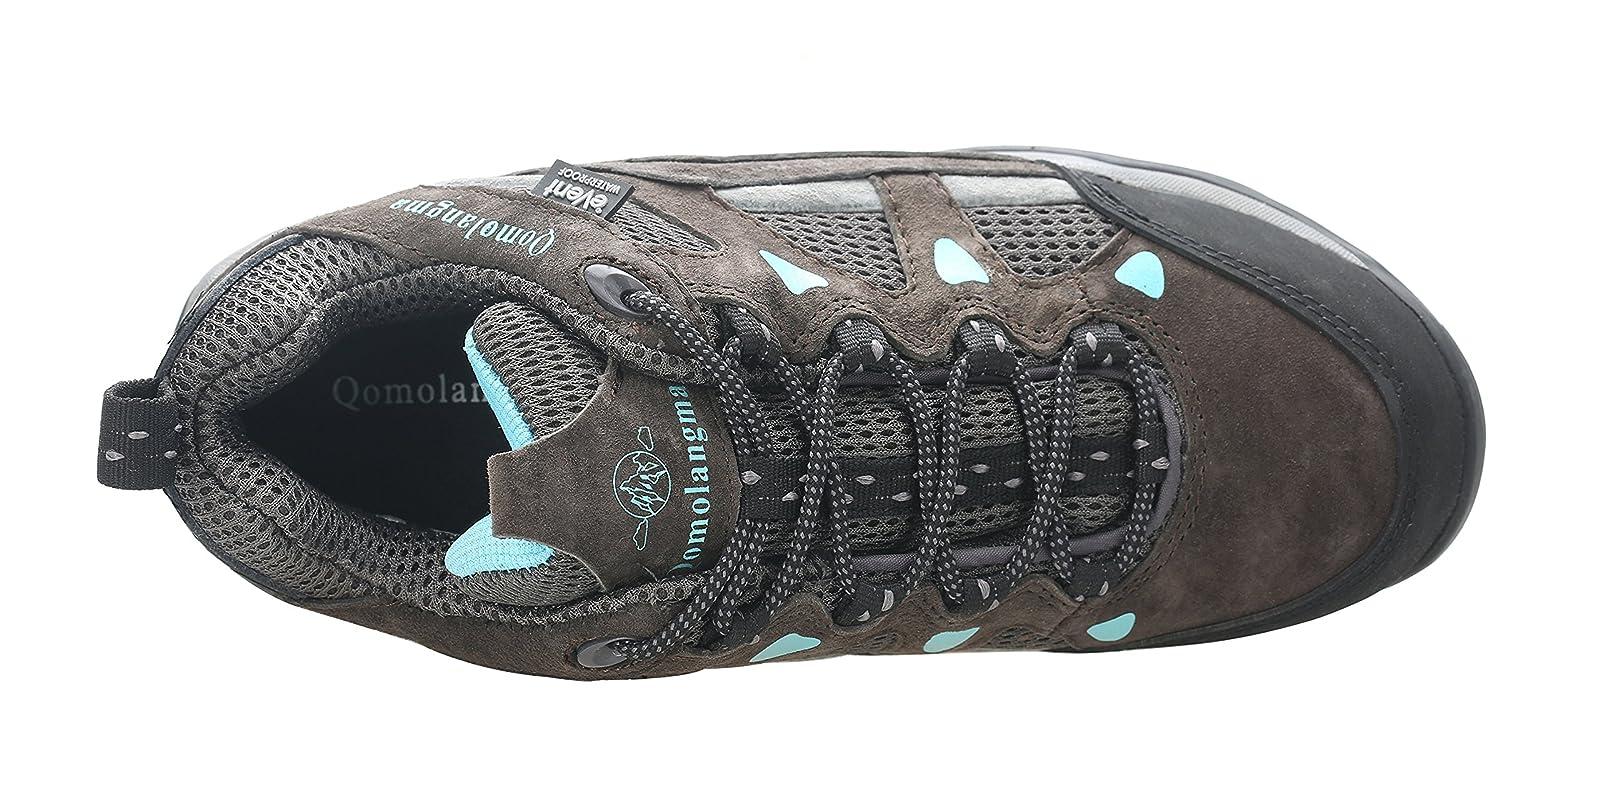 QOMOLANGMA Women's Waterproof Wide Hiking Shoes W91501 - 4